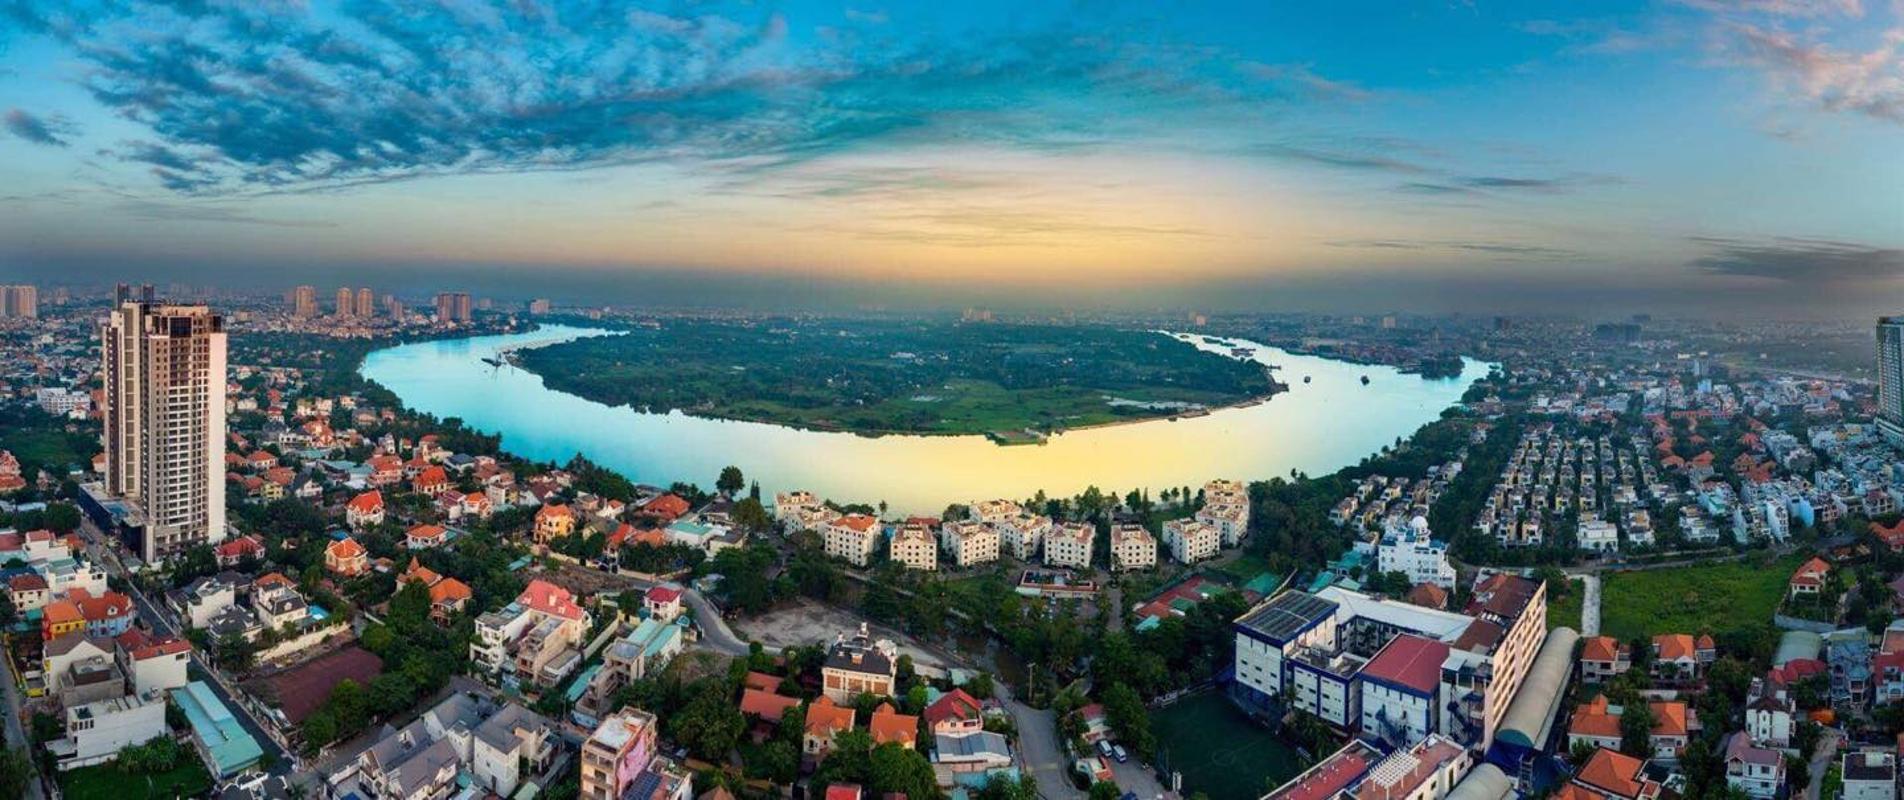 71214211_406605233378862_370891325320462336_n Bán căn hộ Q2 Thao Dien 3PN, tầng trung, diện tích 93m2, căn đẹp giá tốt, view sông